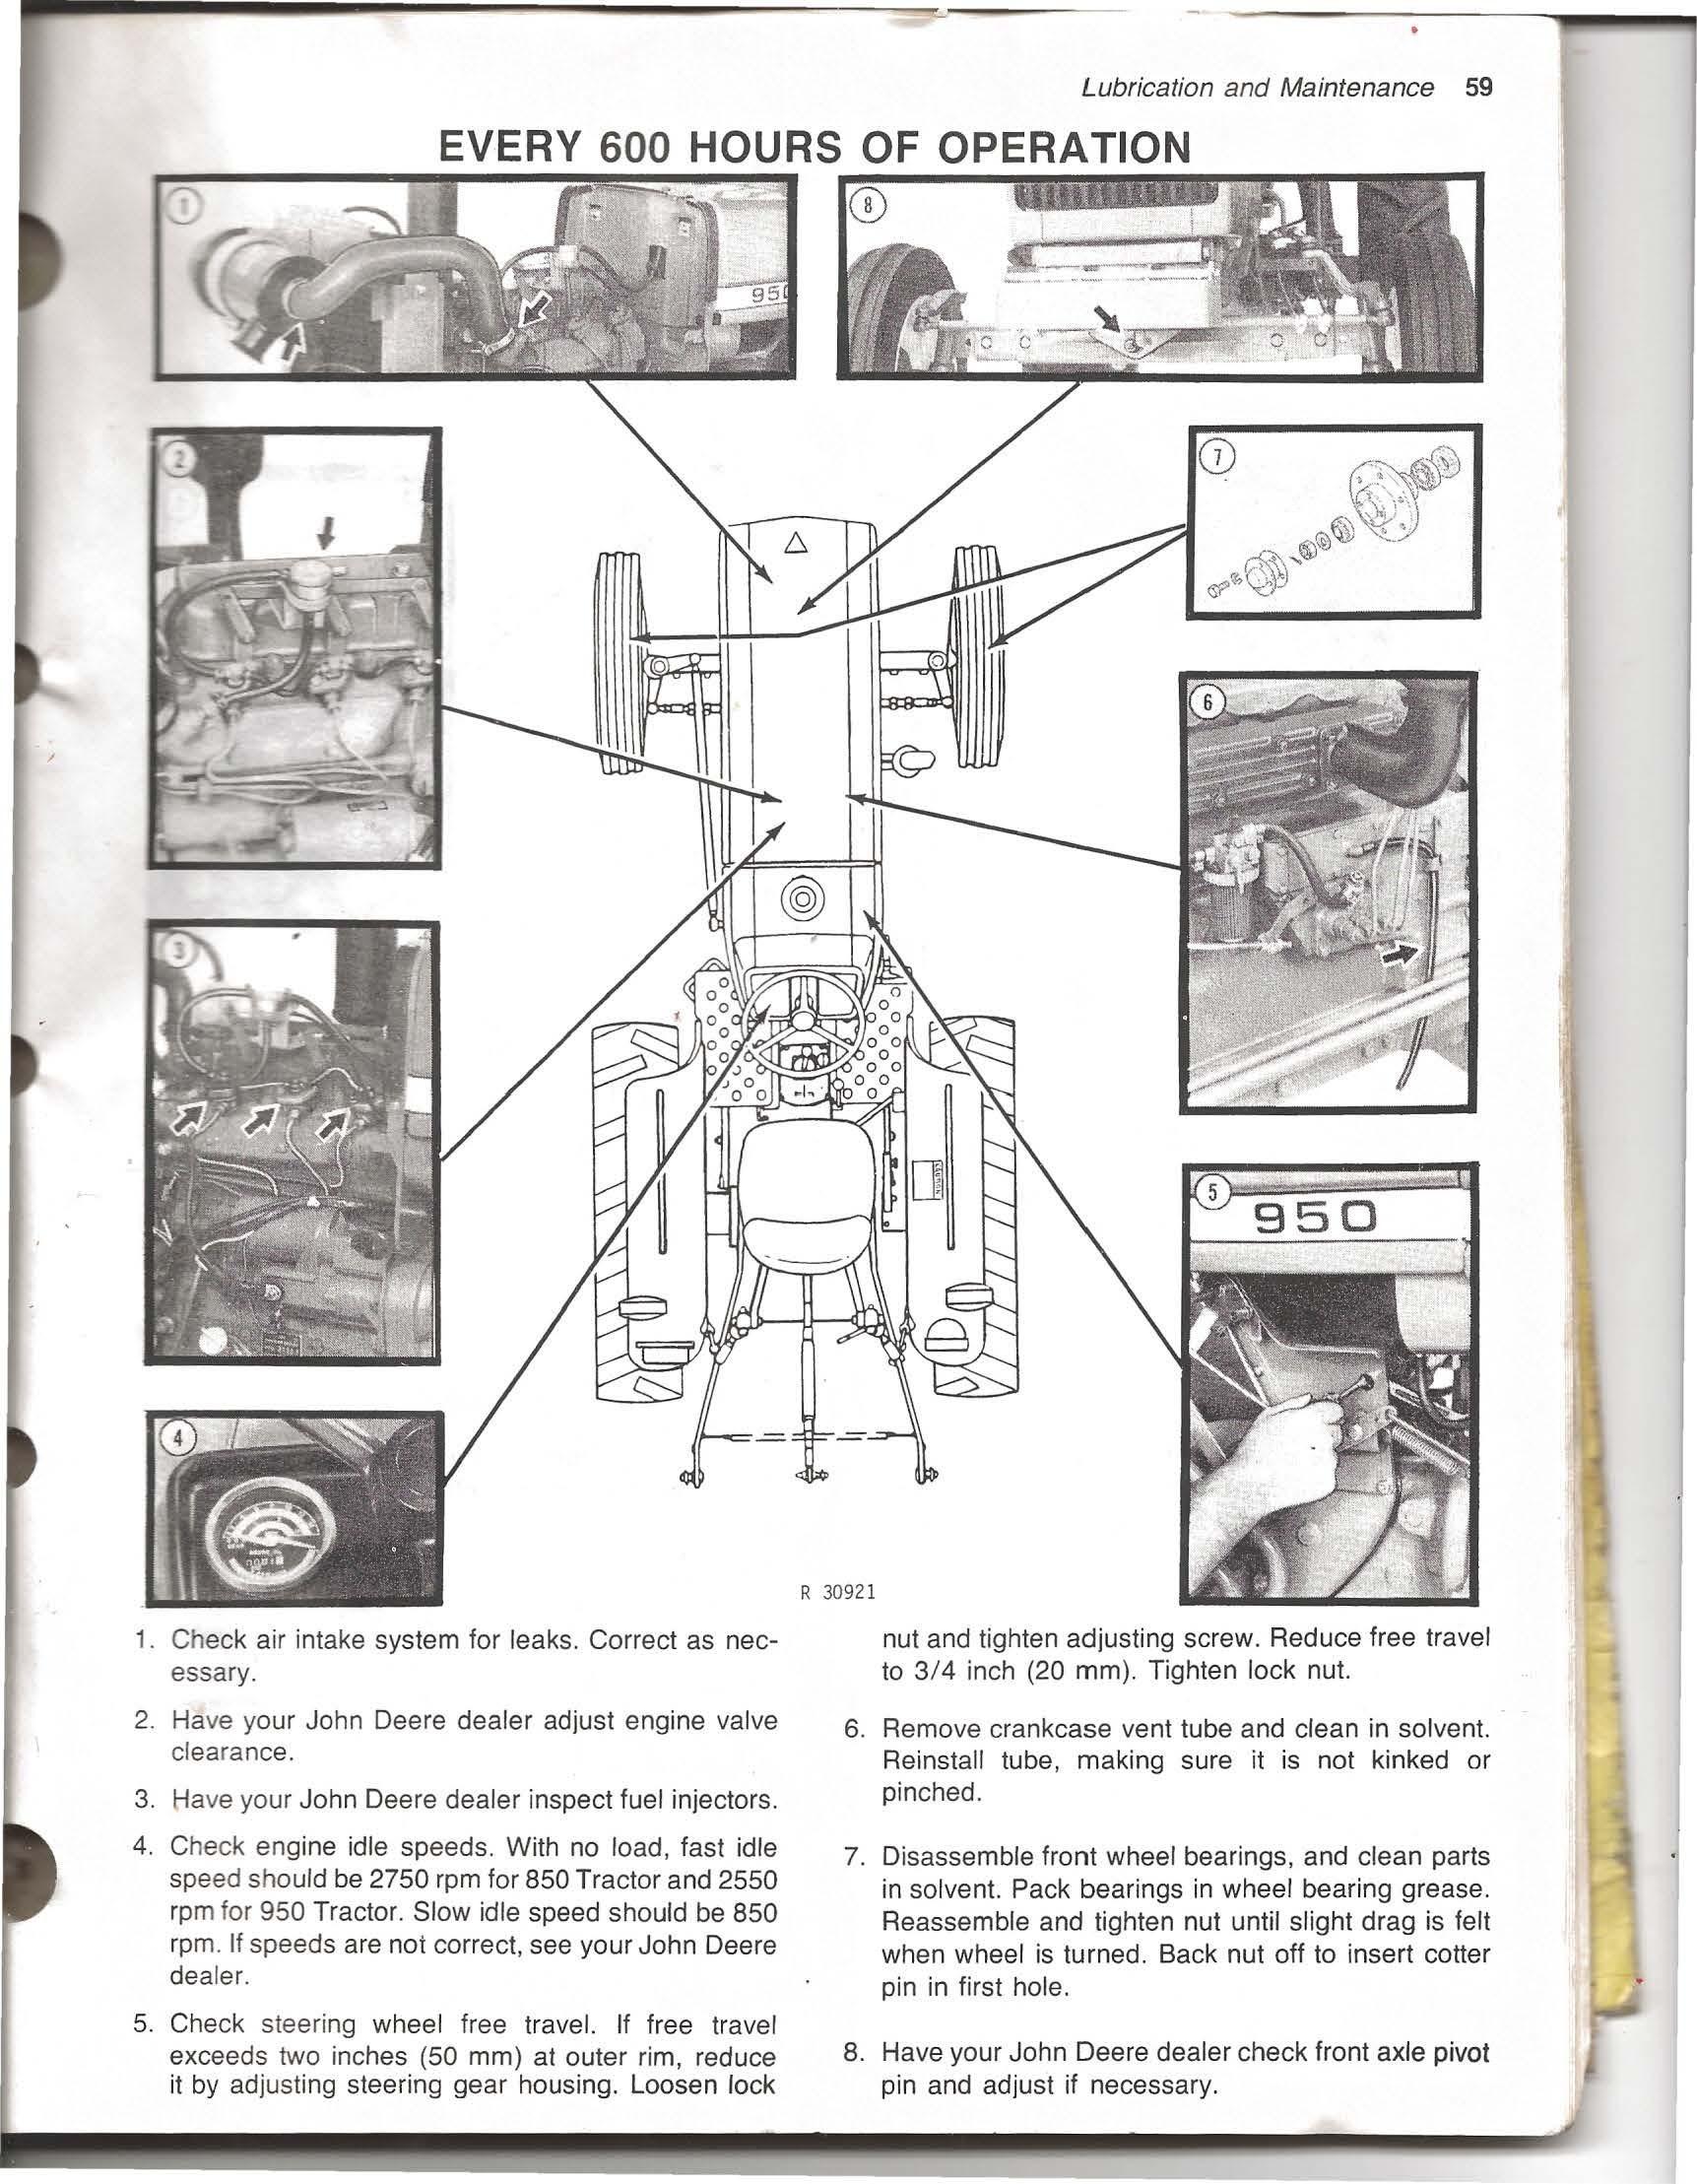 John Deere 850 Wiring Diagram Expert Schematics 2755 950 For Alternator Schematic Diagrams 80